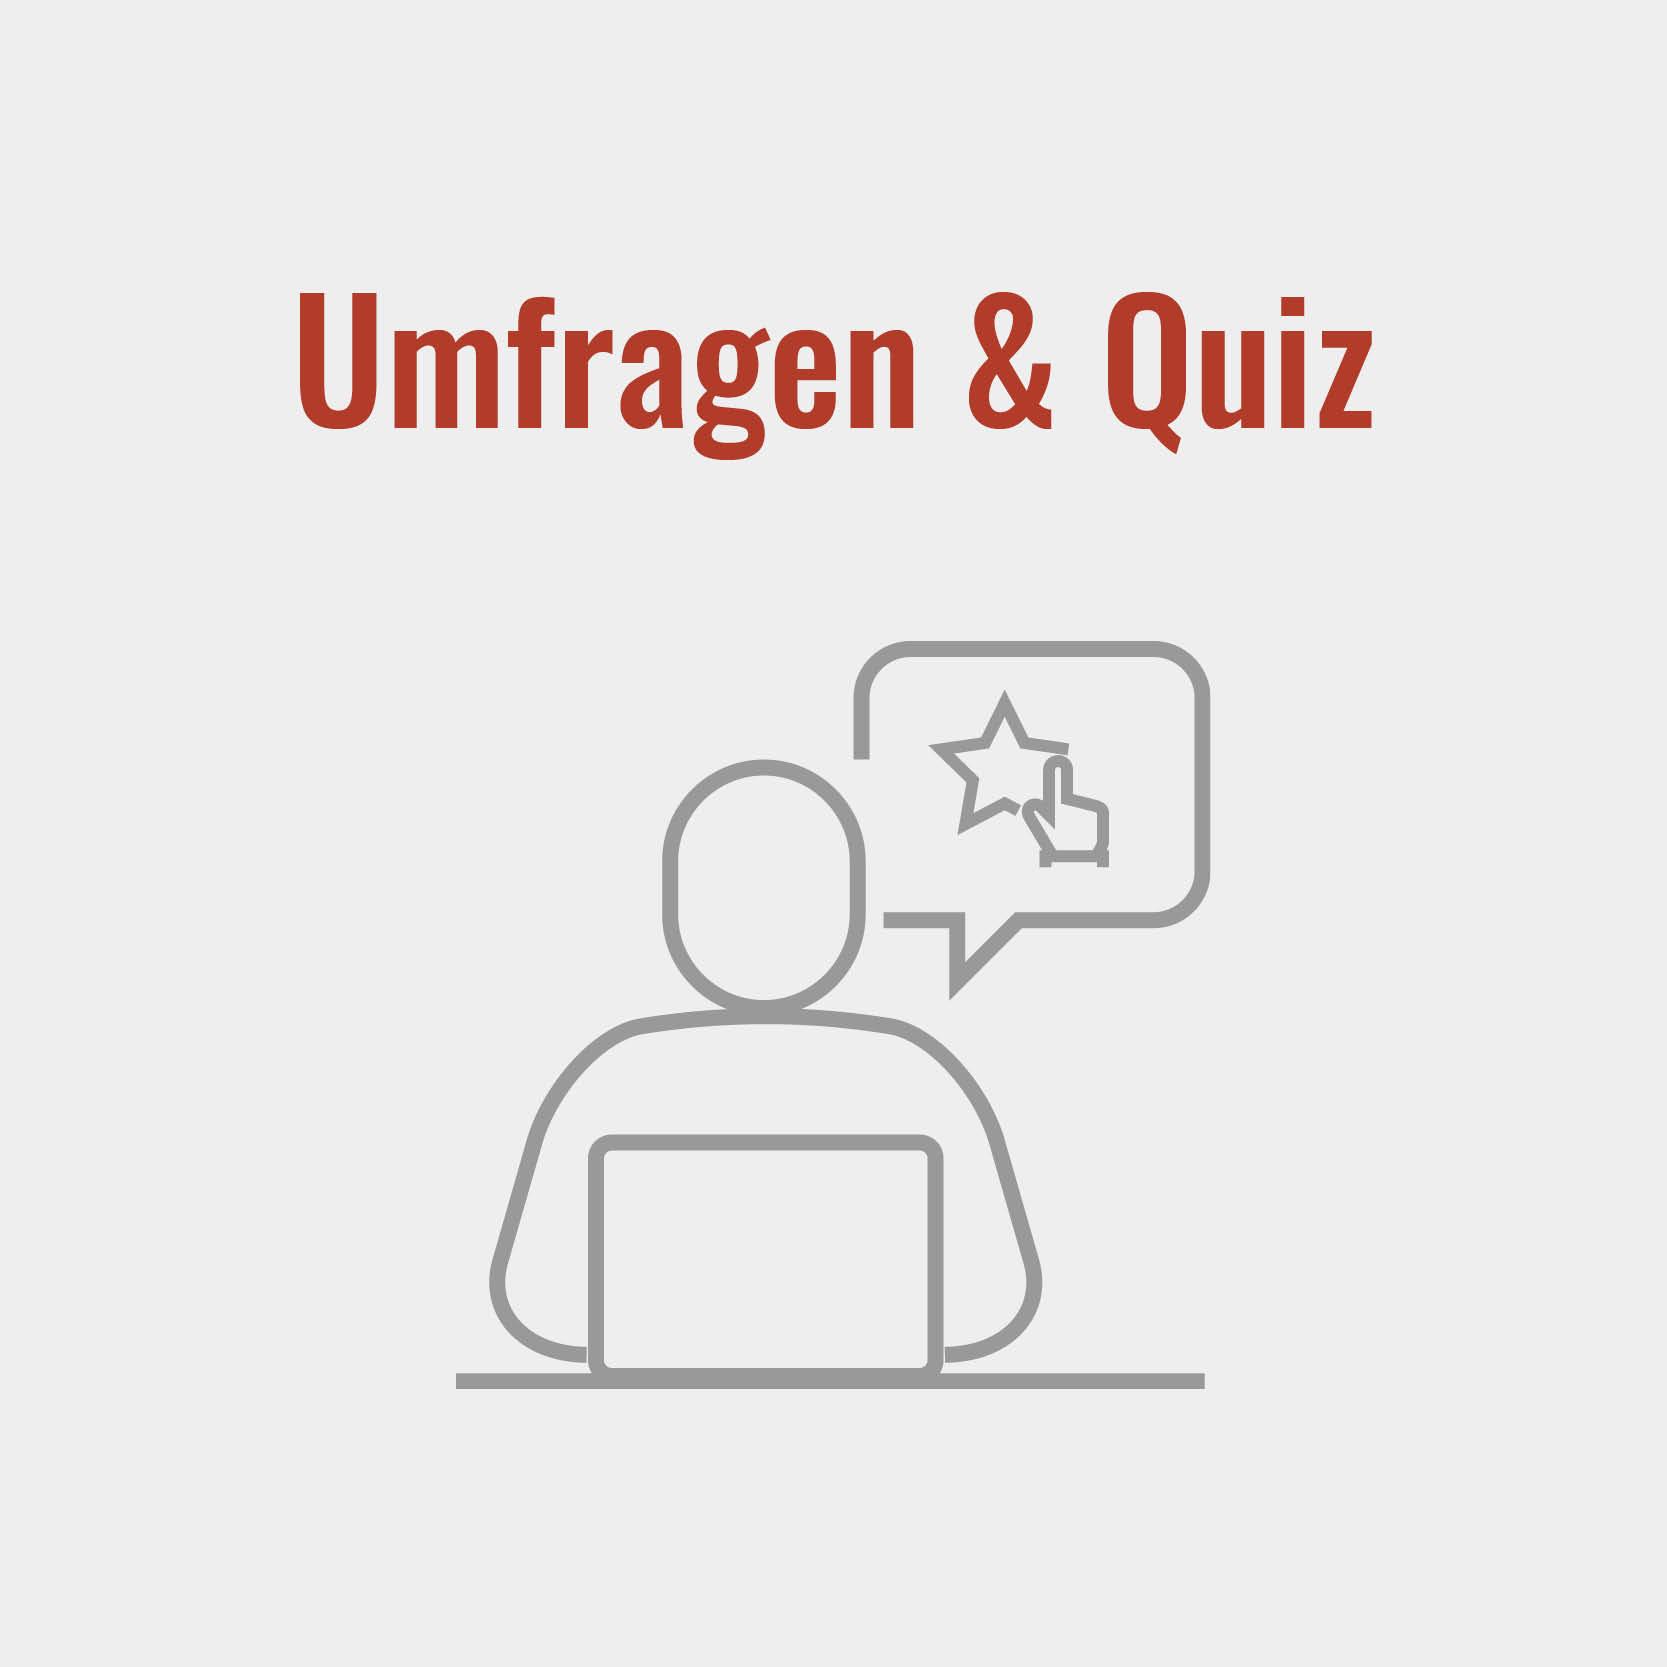 Umfragen und Quiz